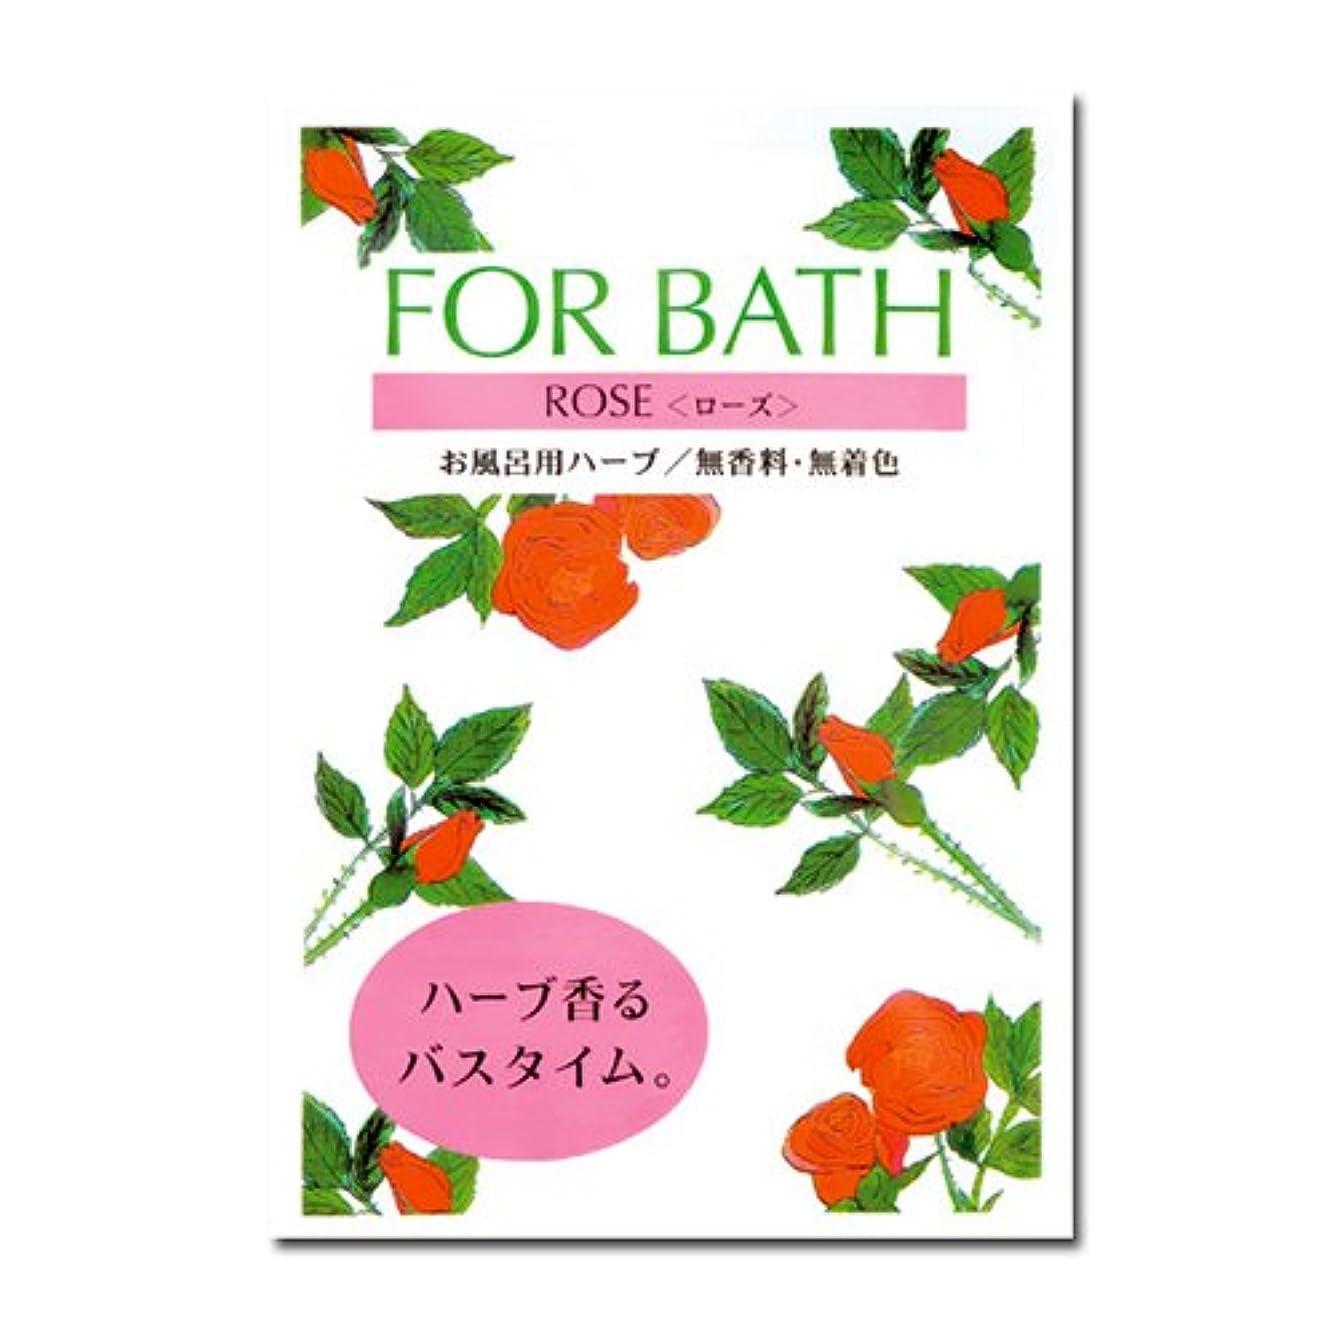 呼吸する裂け目論理的フォアバス ローズx30袋[フォアバス/入浴剤/ハーブ]